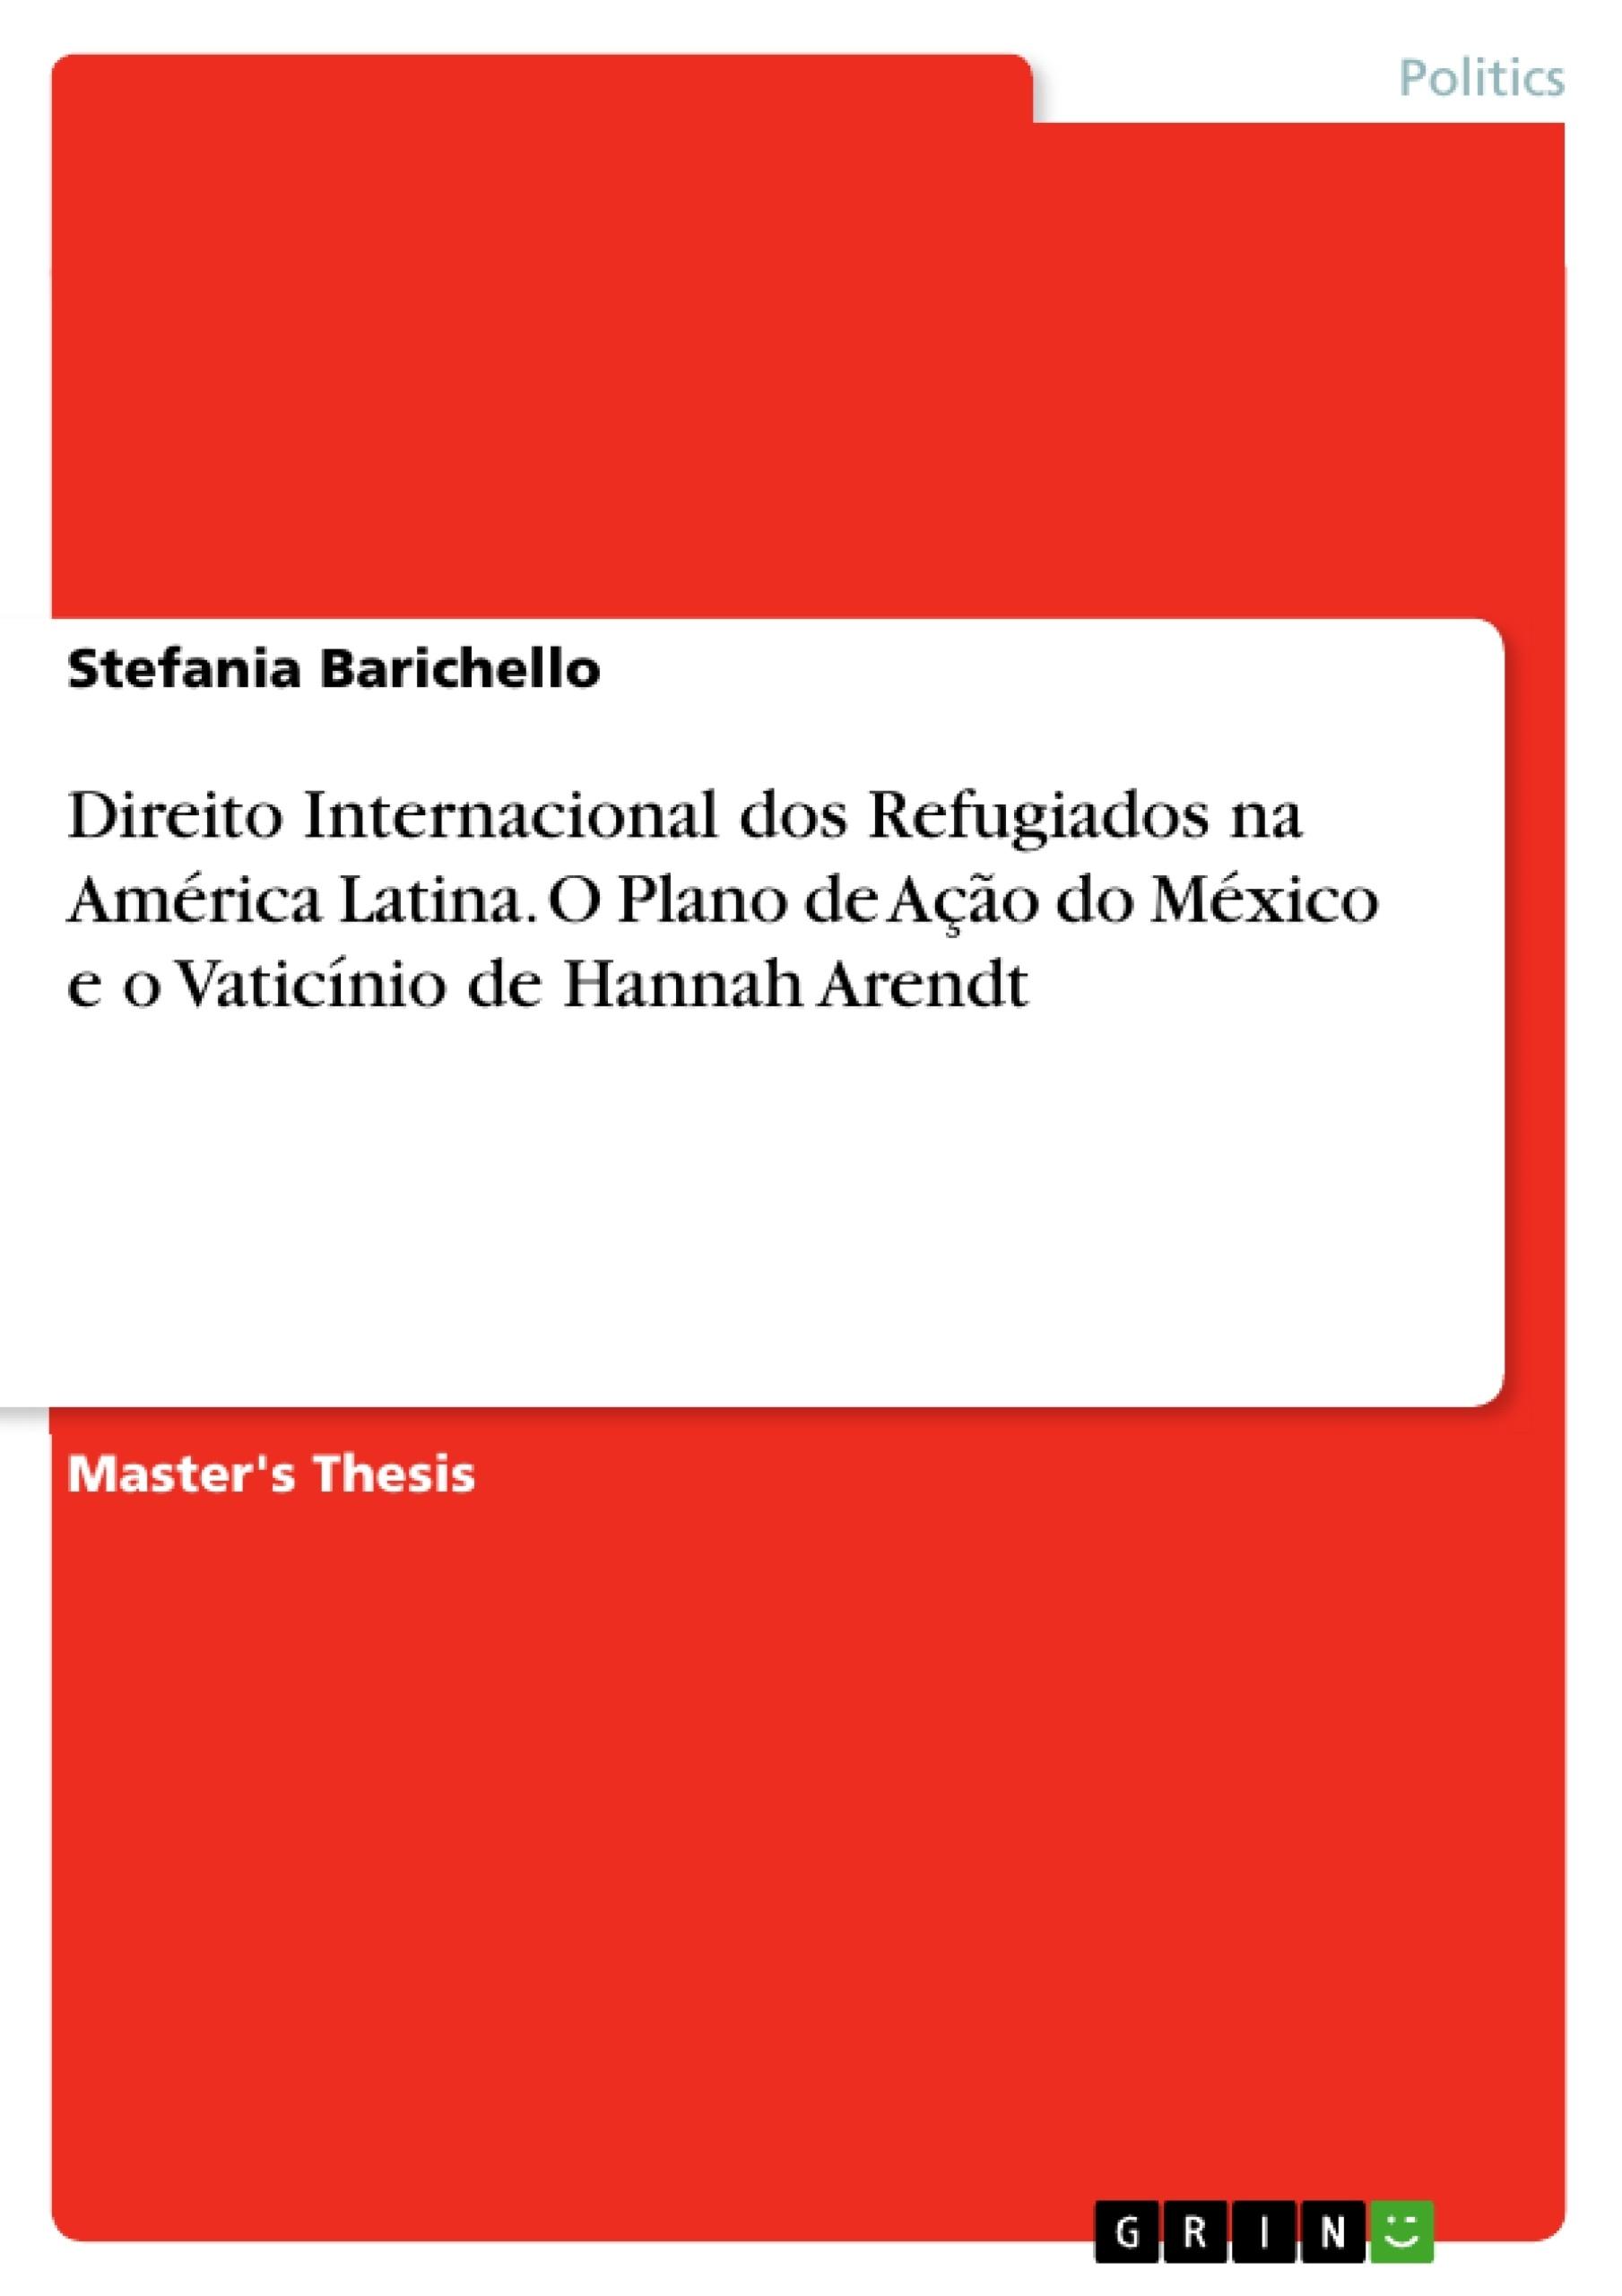 Title: Direito Internacional dos Refugiados na América Latina. O Plano de Ação do México e o Vaticínio de Hannah Arendt